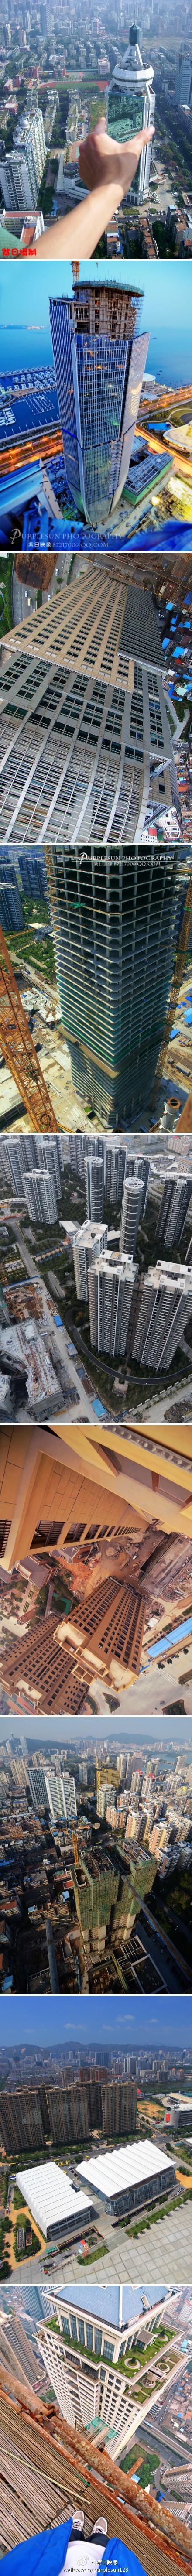 超高空鸟瞰厦门建筑·超震撼的视觉体验